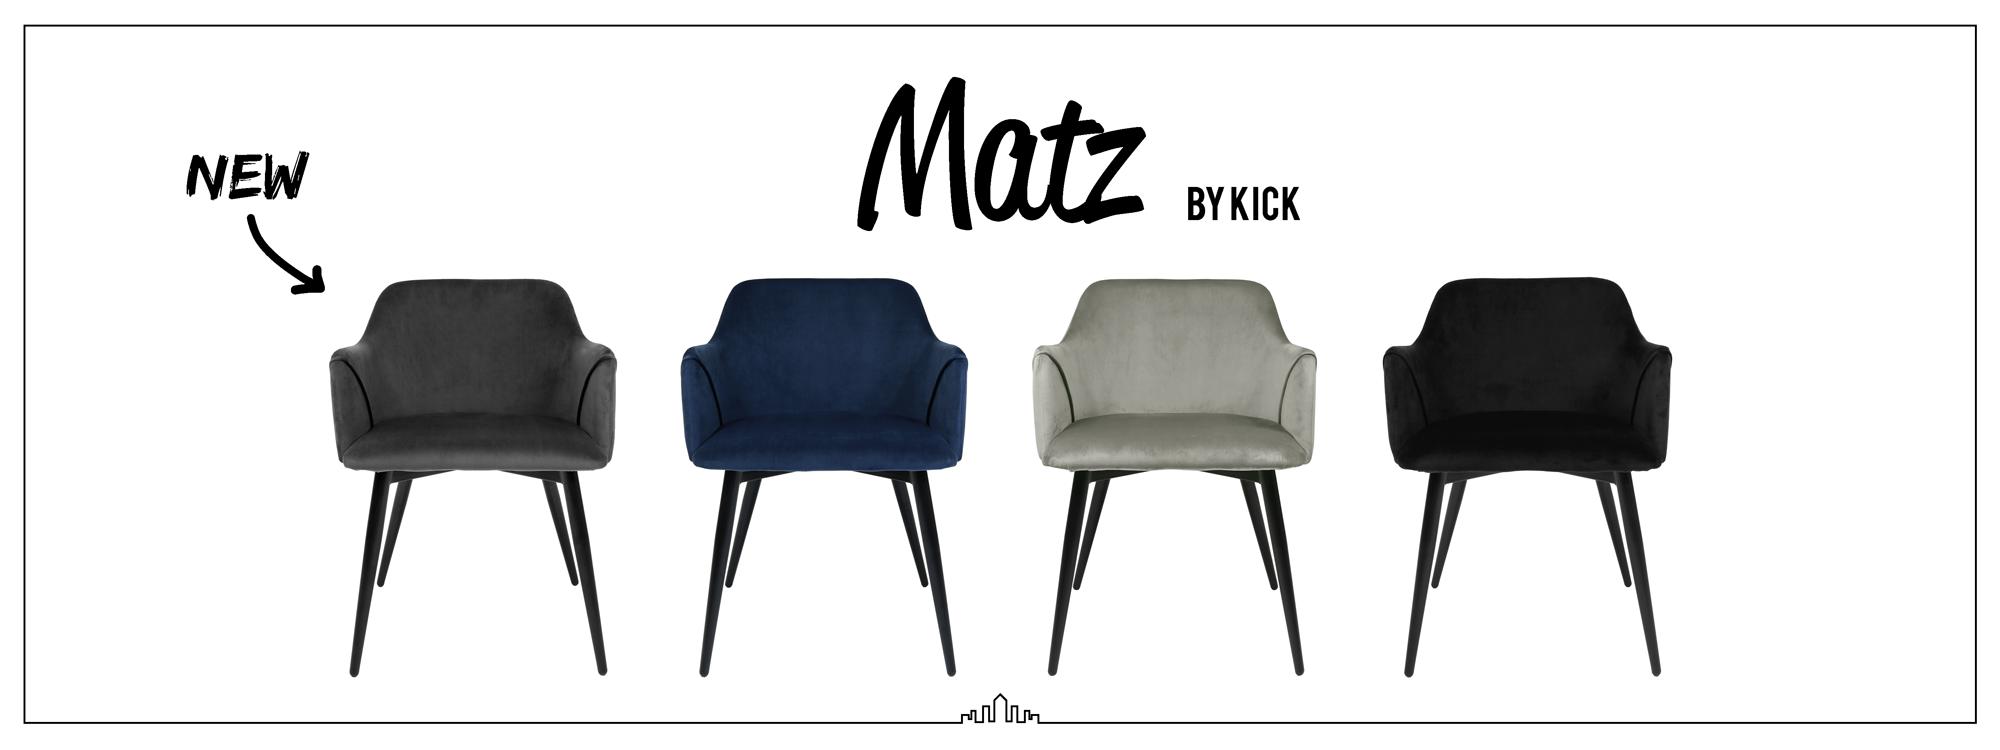 Kick eetkamerstoel - Matz